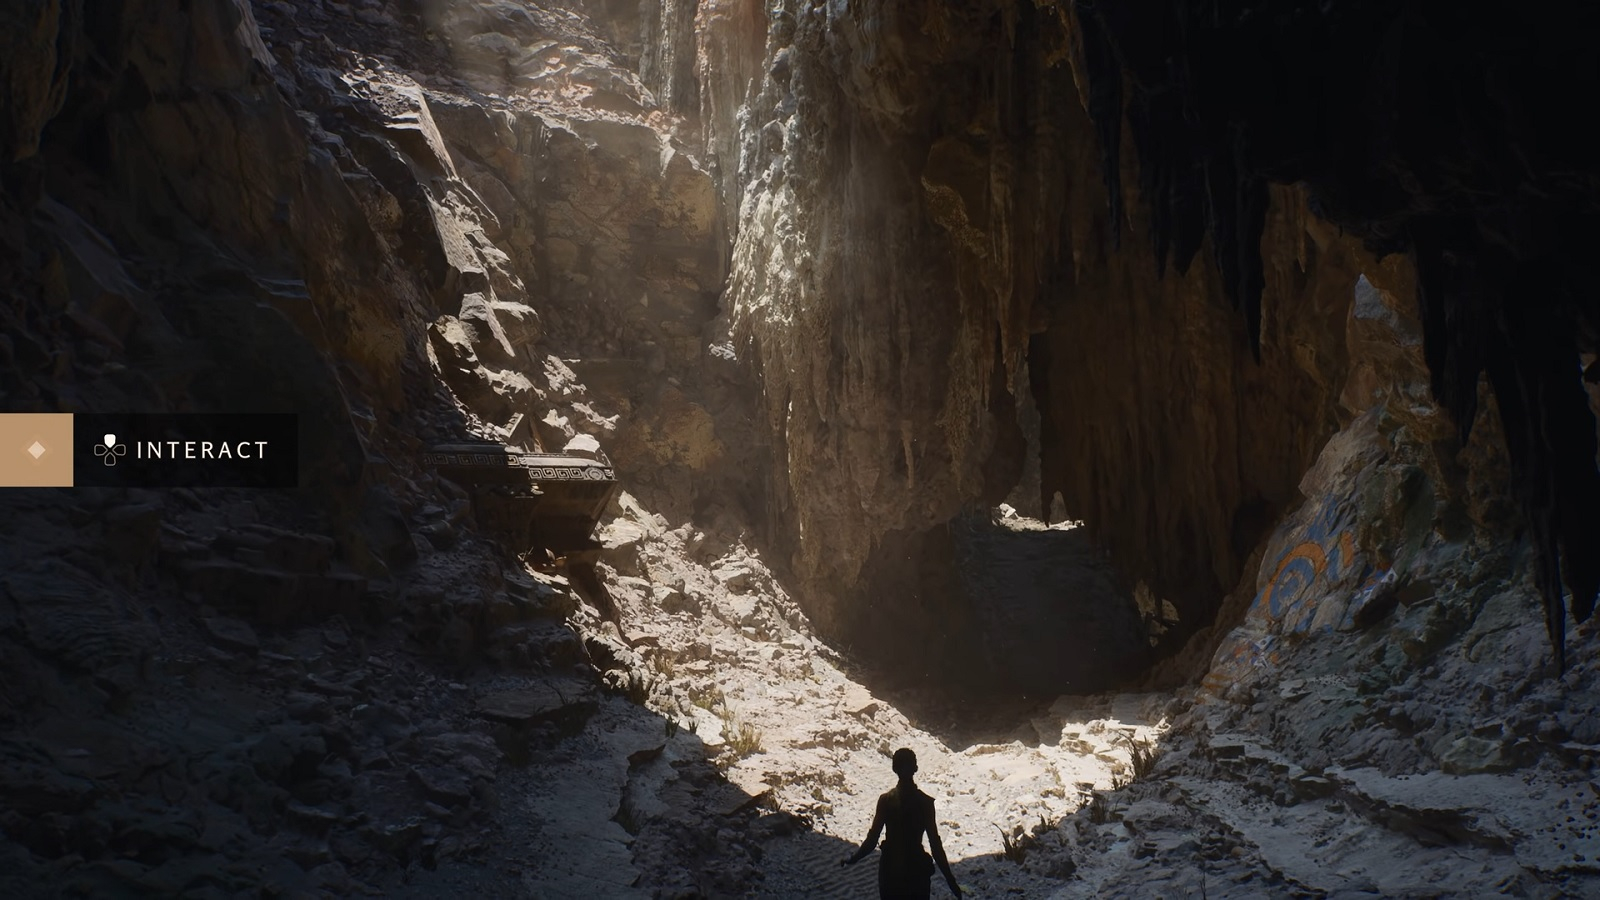 И пусть PS5 подождёт: сцену из демонстрации Unreal Engine 5 воссоздали в Dreams